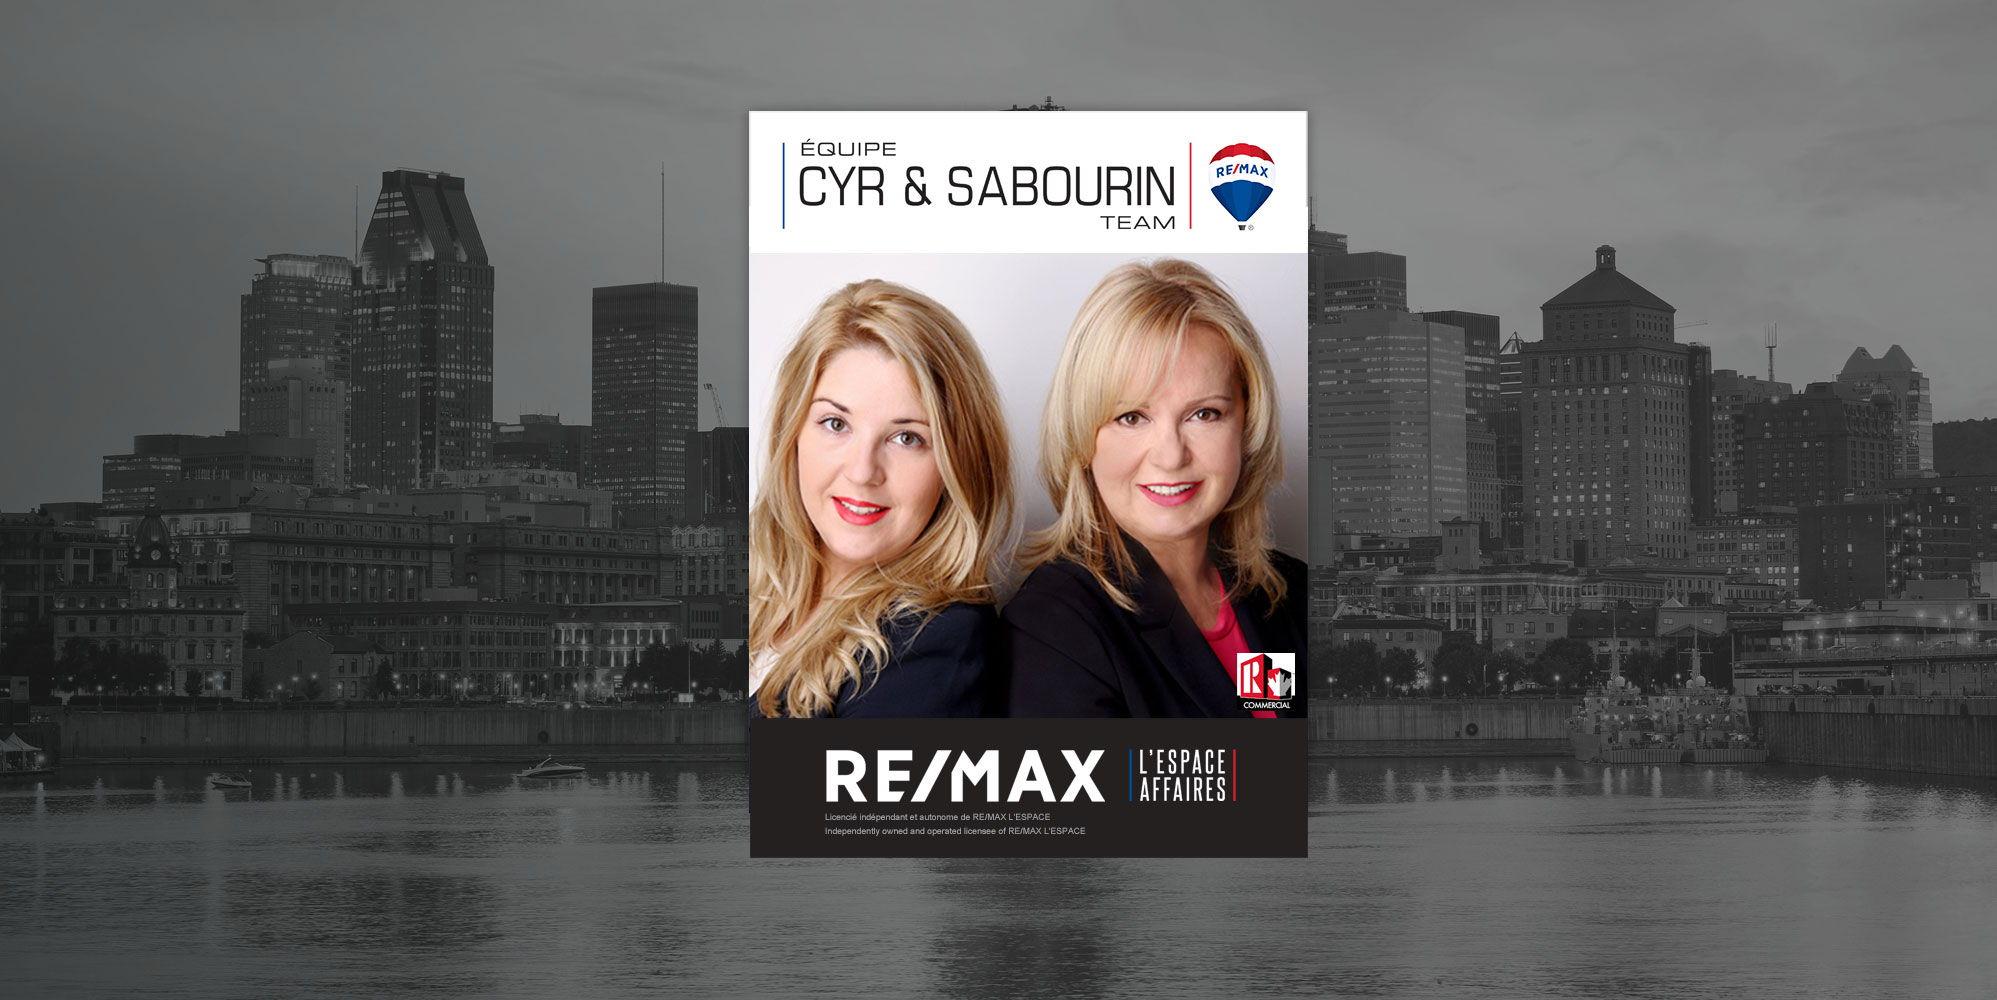 Cyr & Sabourin Team